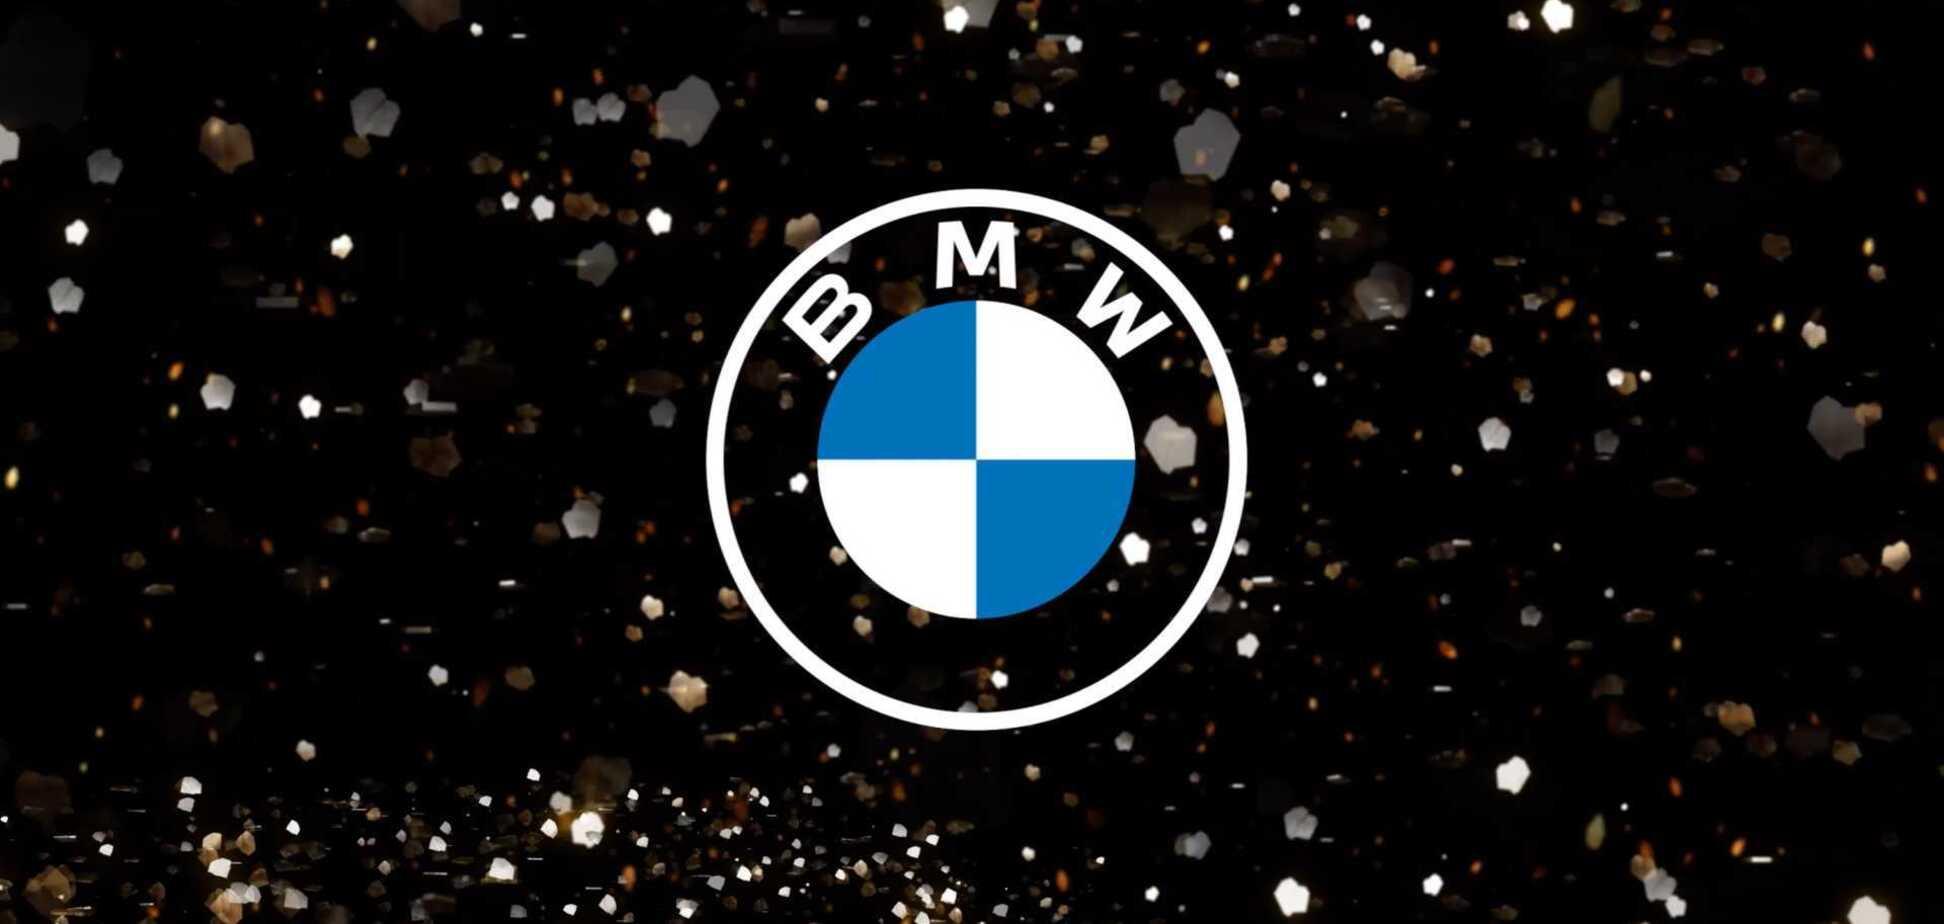 BMW в РФ почала показувати Крим на картах російським